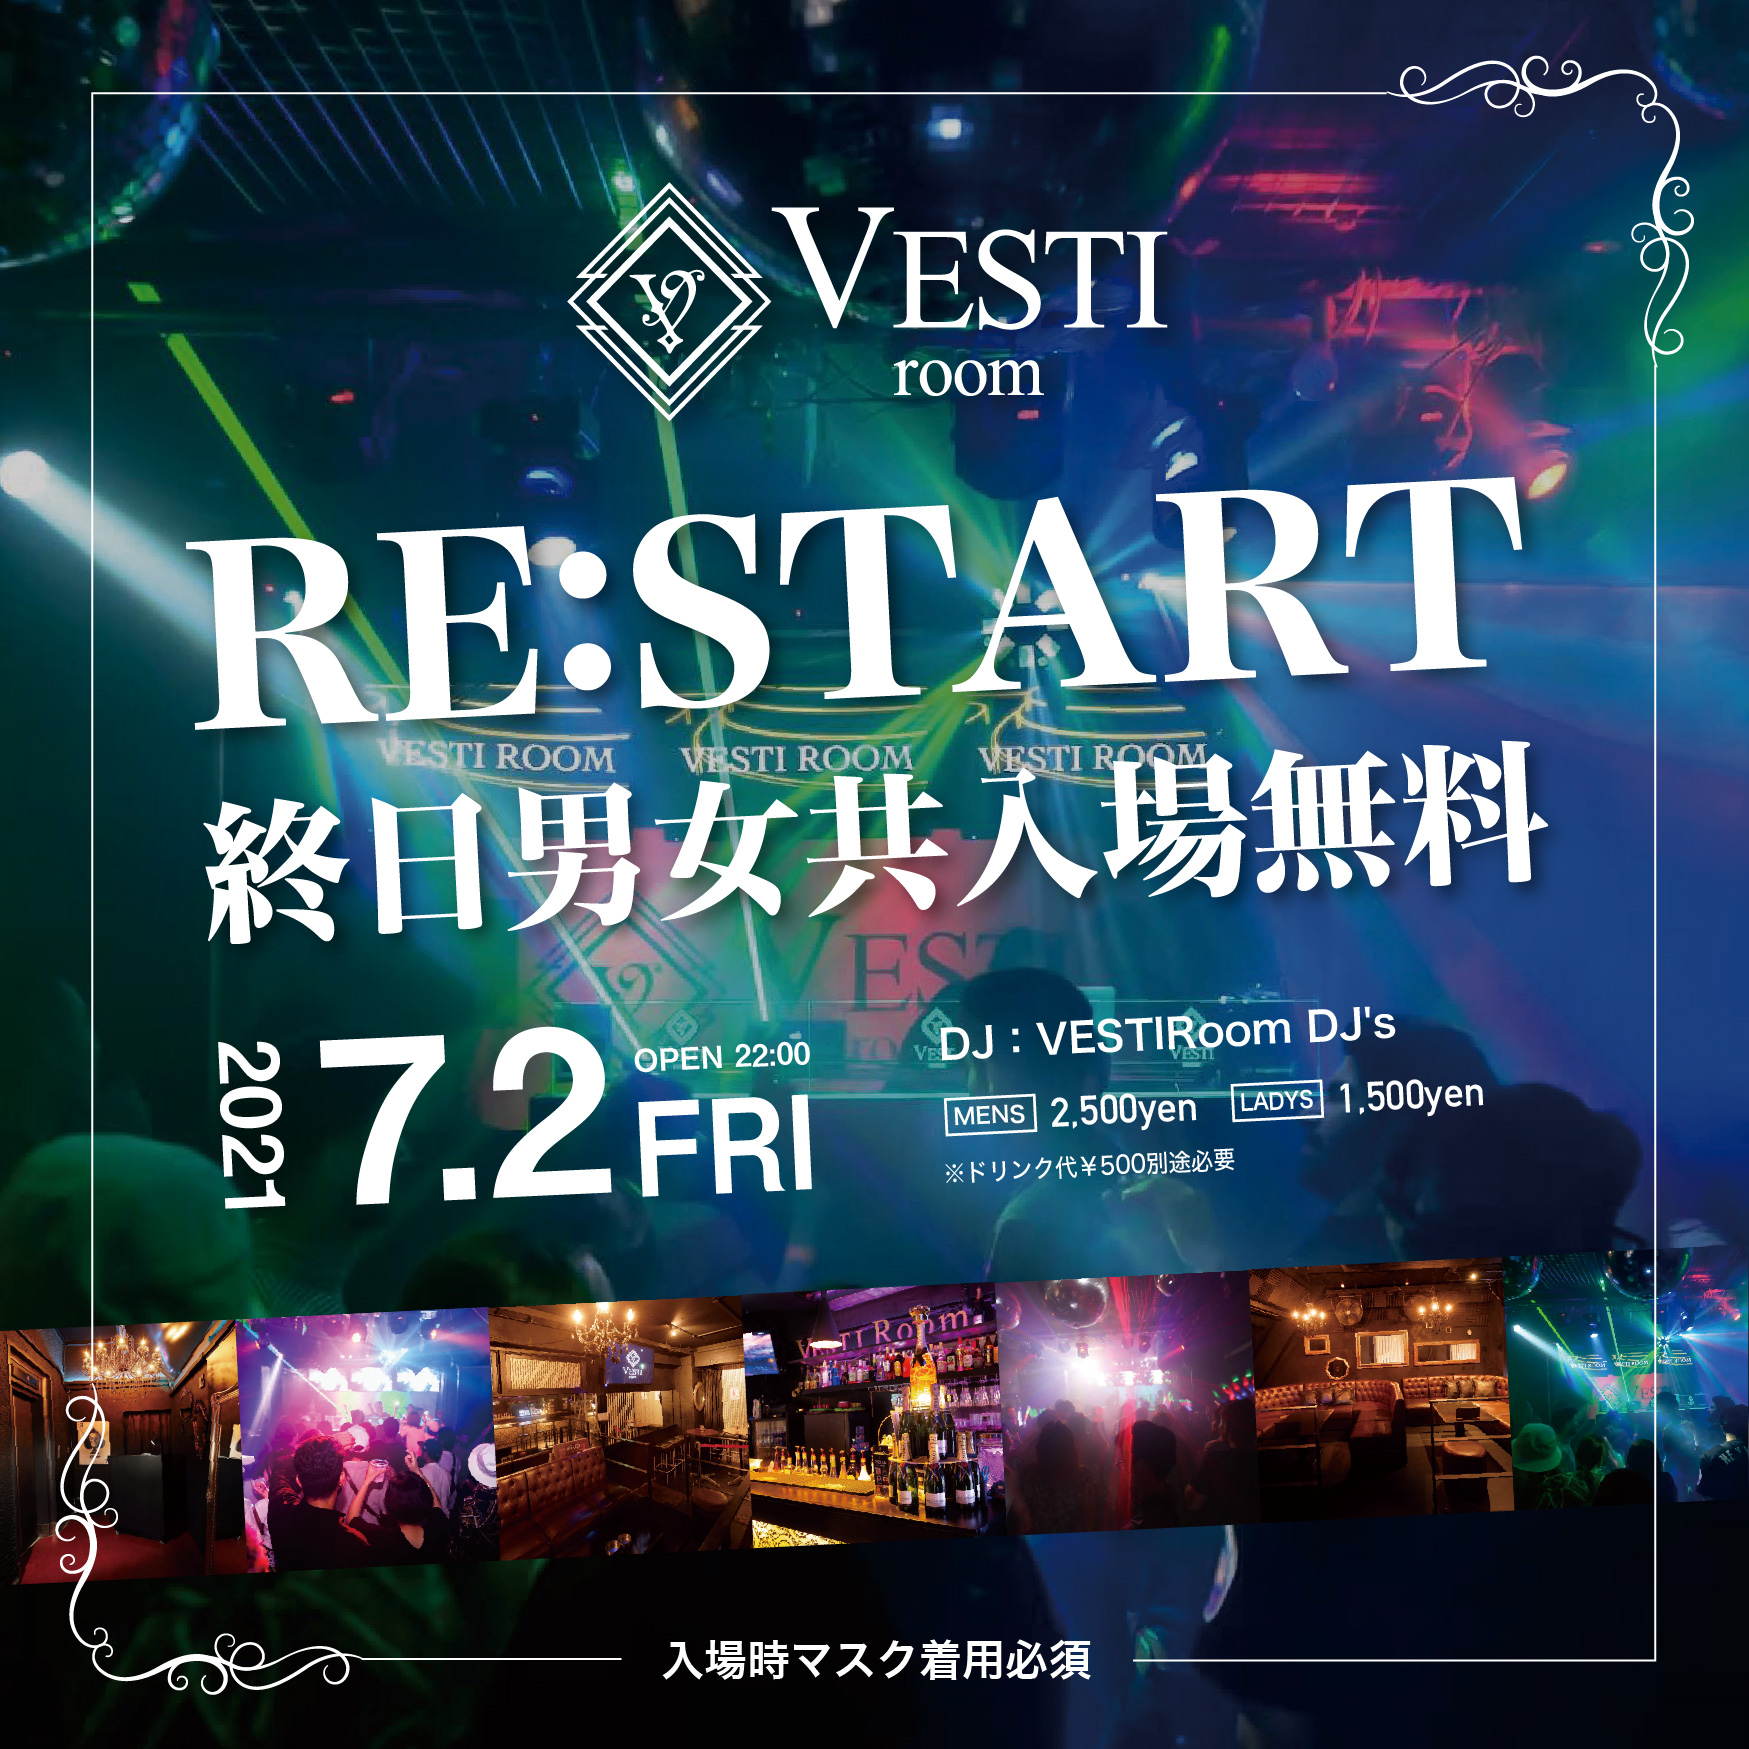 RE : START